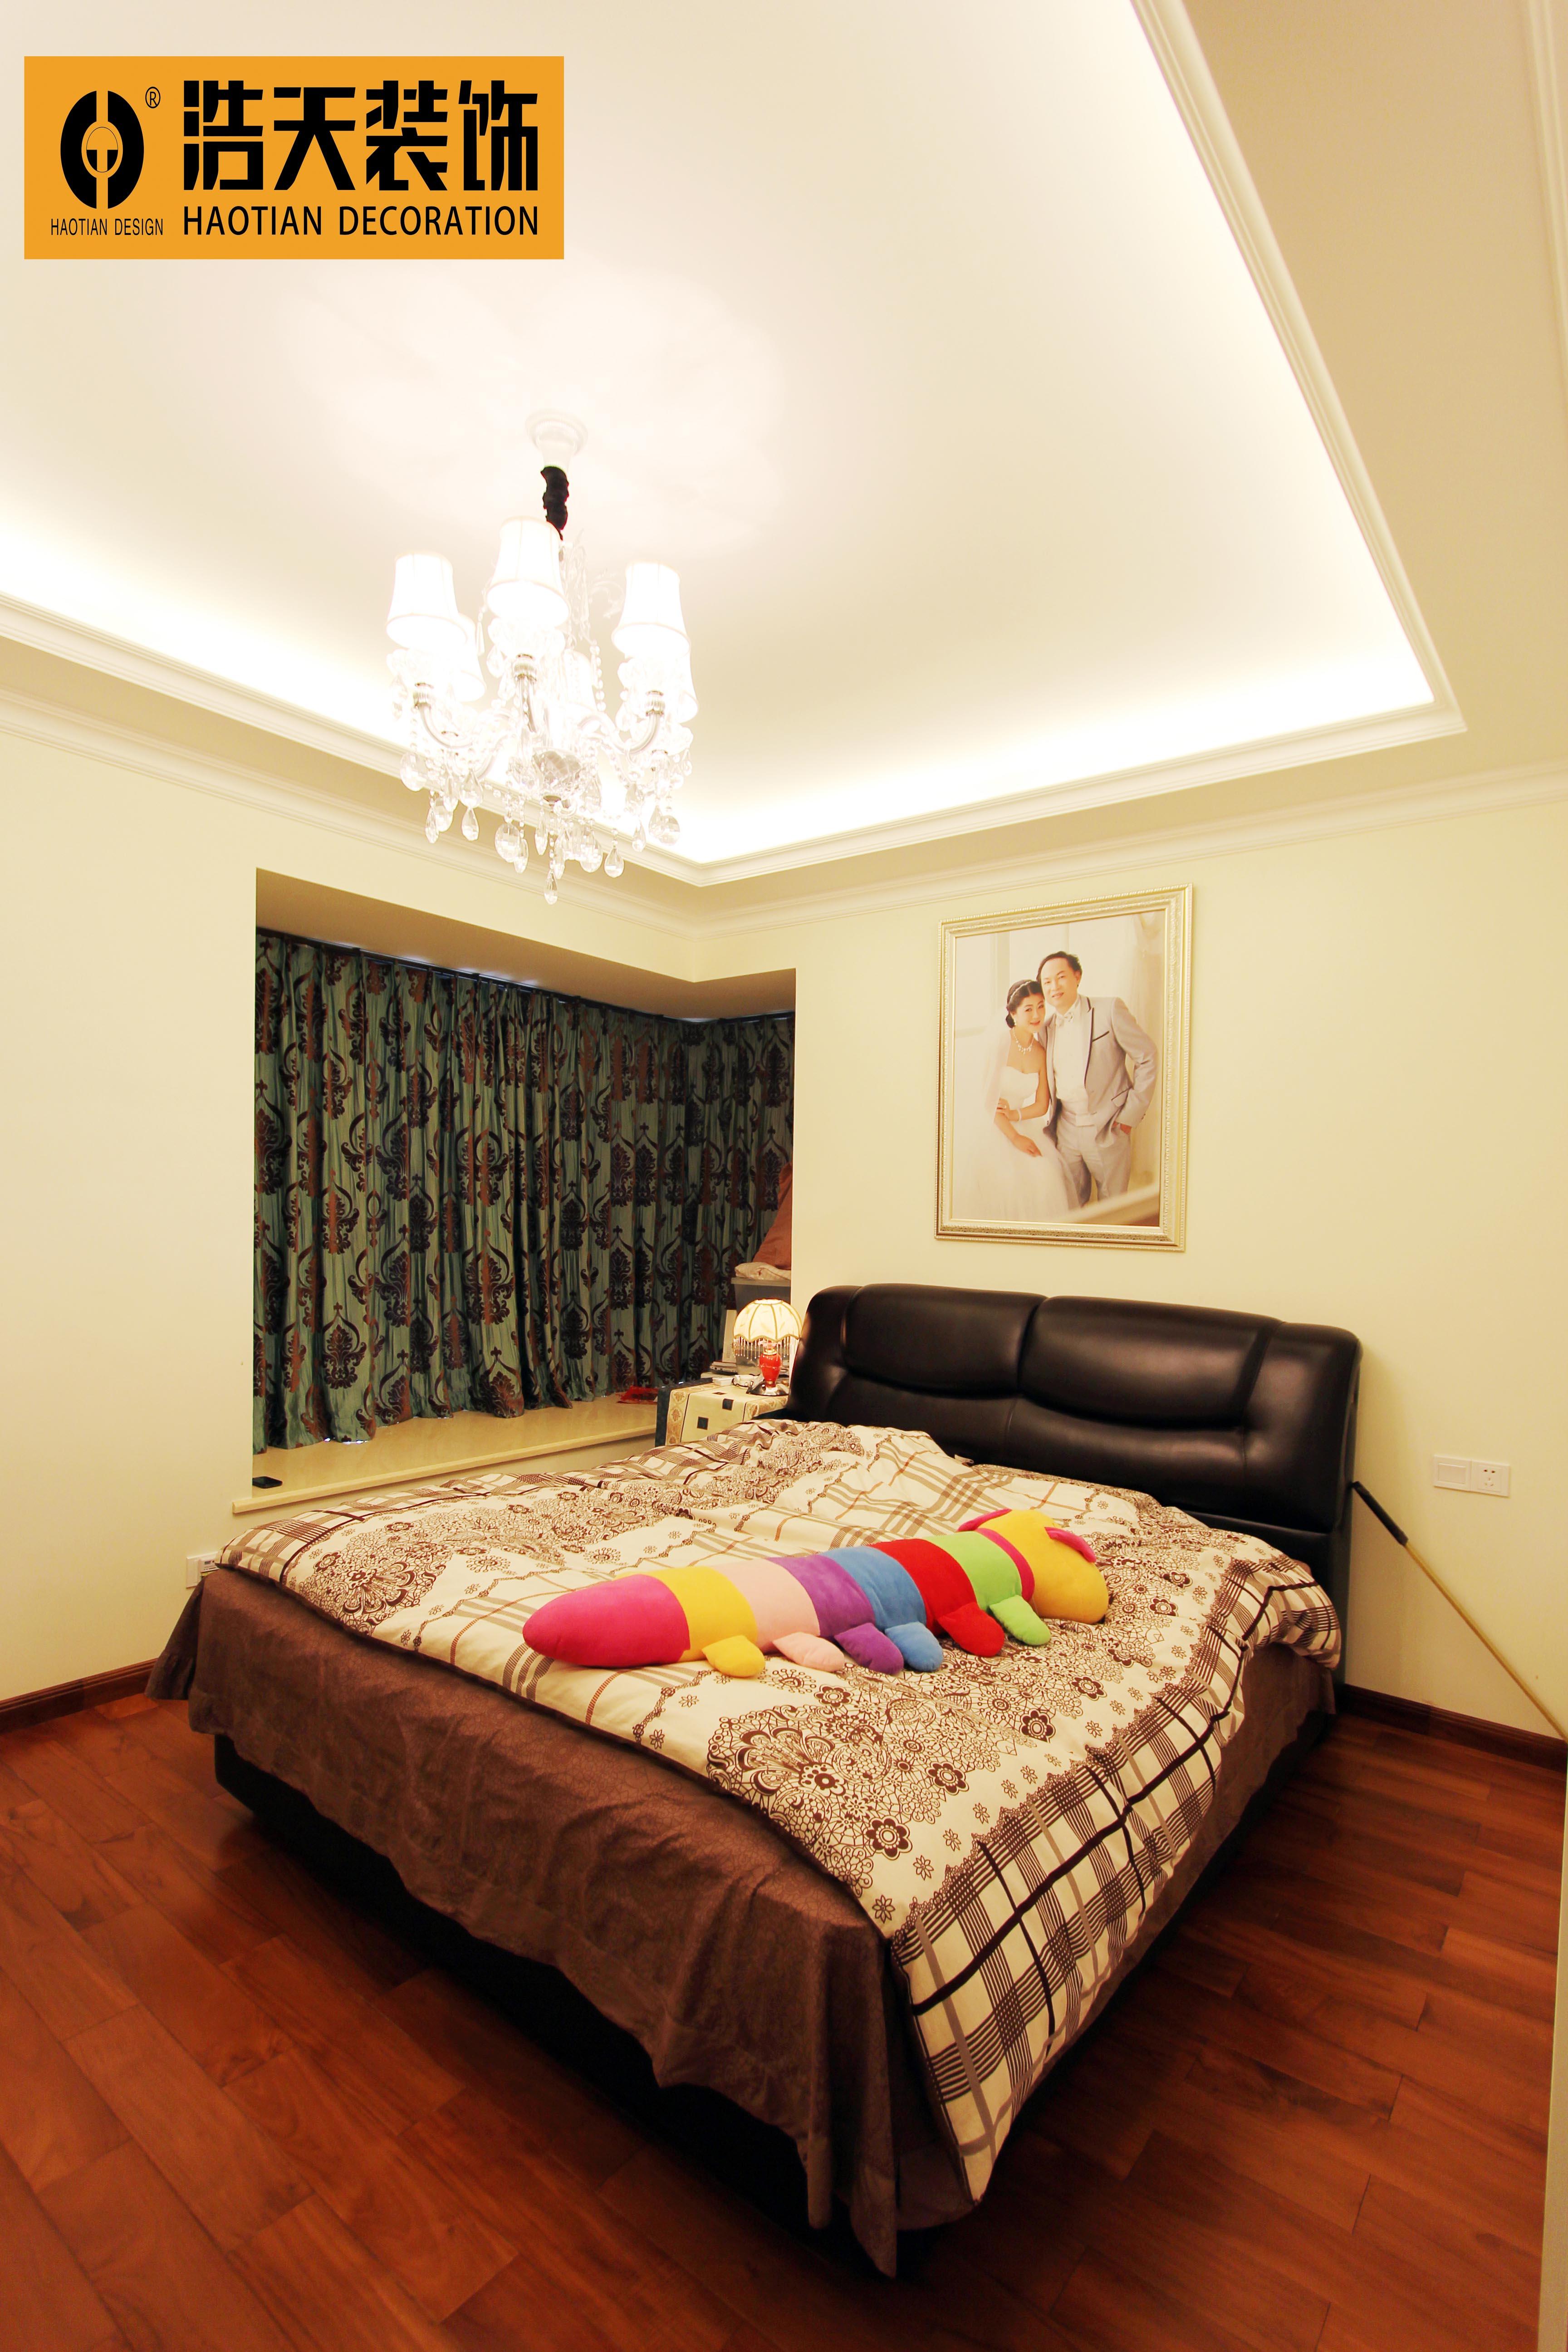 卧室图片来自深圳市浩天装饰在幸福海岸的分享